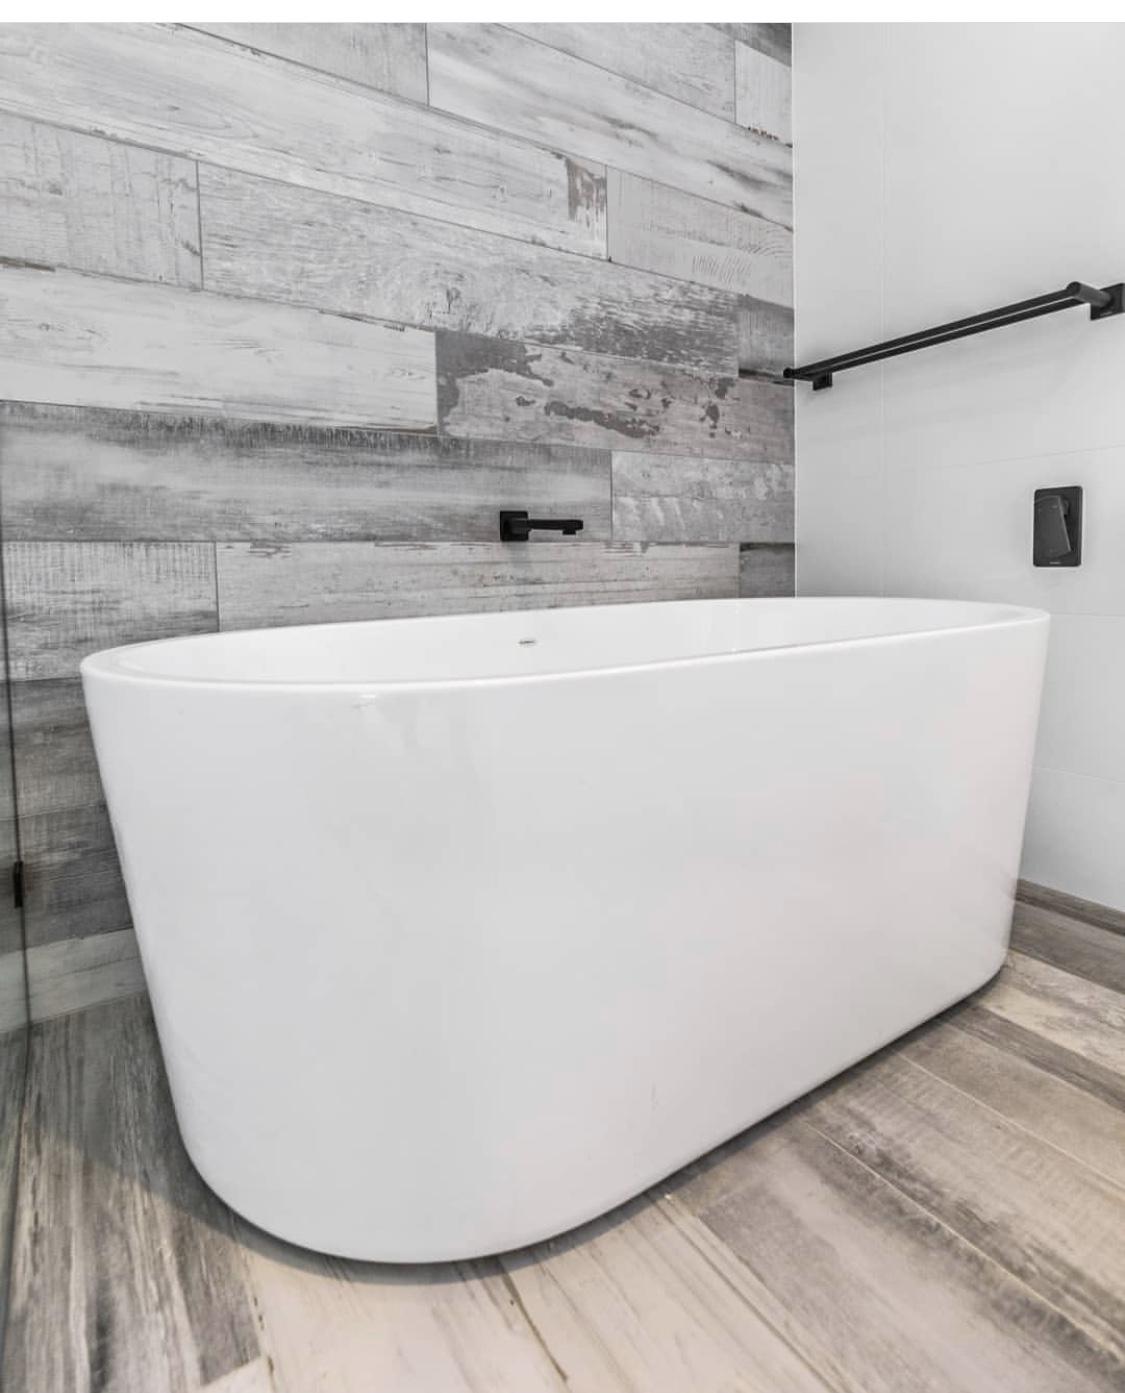 Urbanwood bathroom with inscreed heating